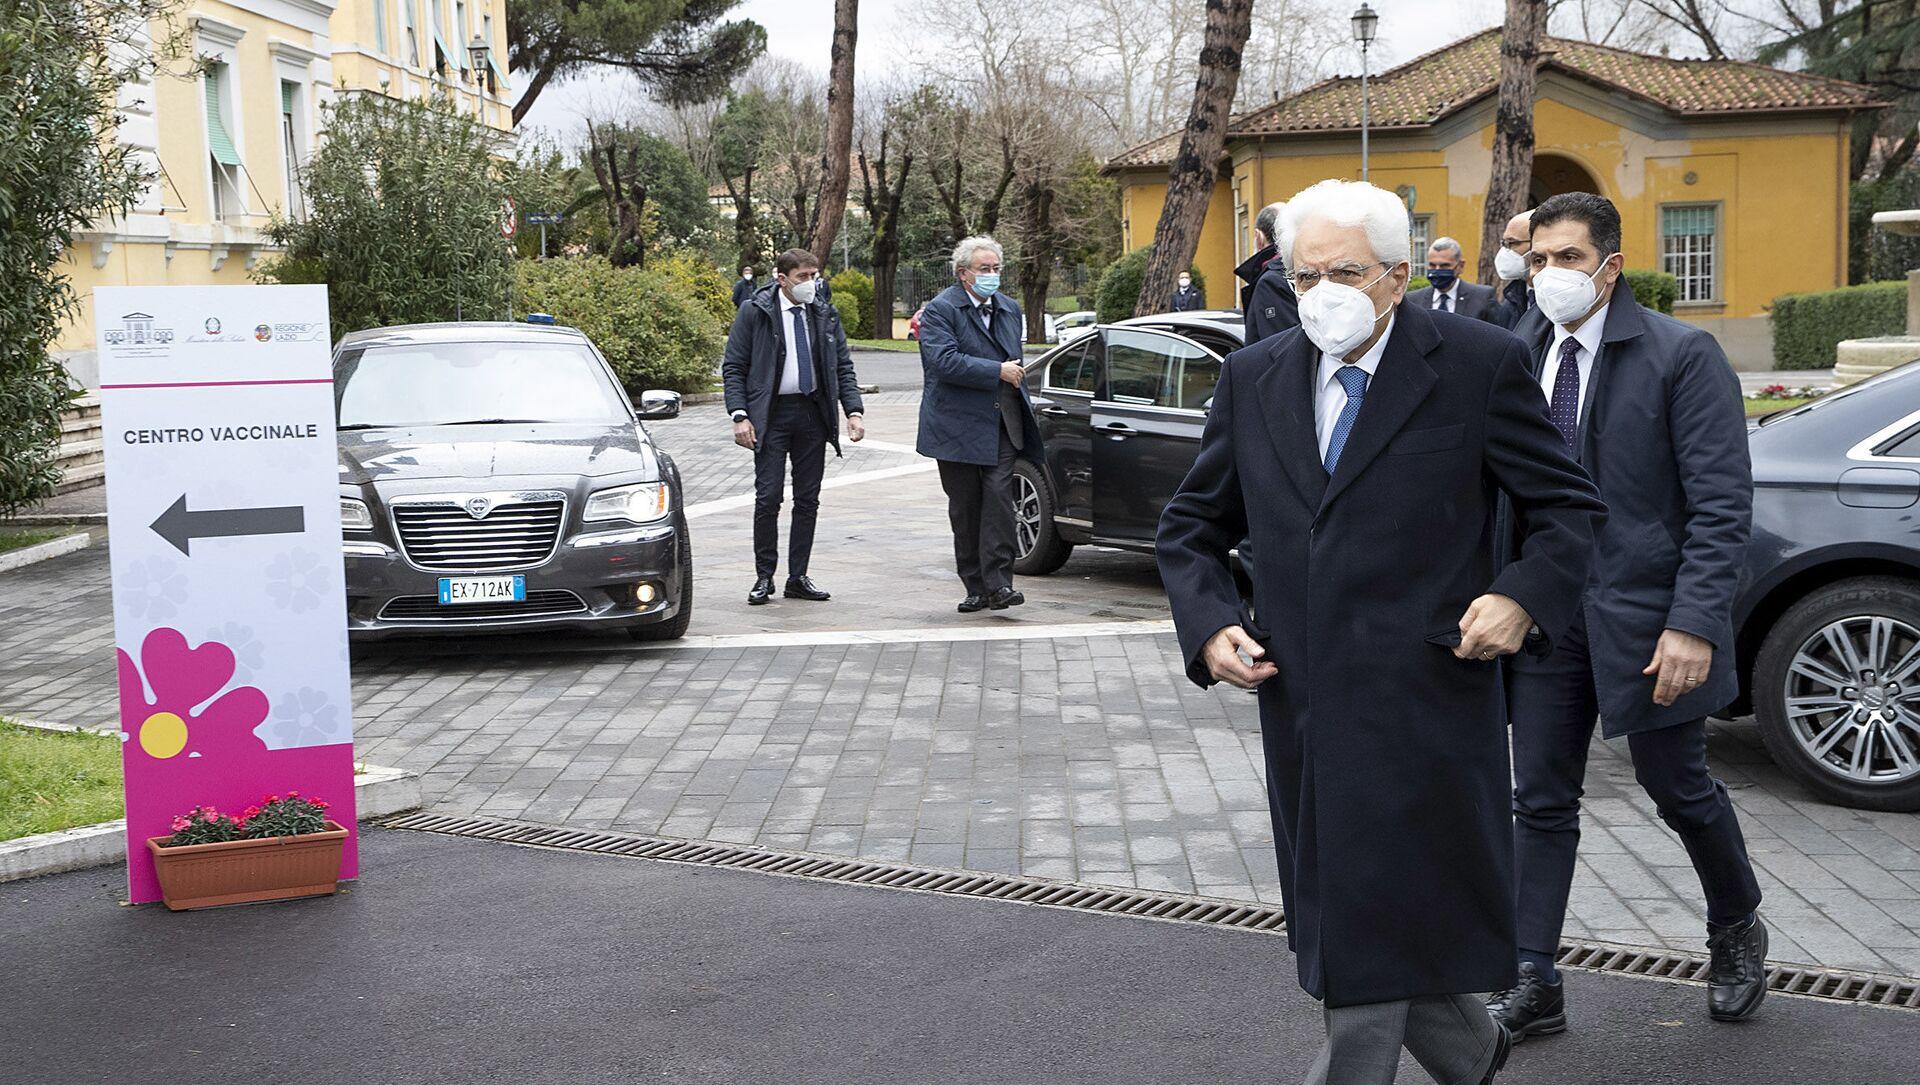 Il Presidente Sergio Mattarella all'Ospedale Spallanzani, in occasione della somministrazione del vaccino anti Covid-19 - Sputnik Italia, 1920, 11.05.2021